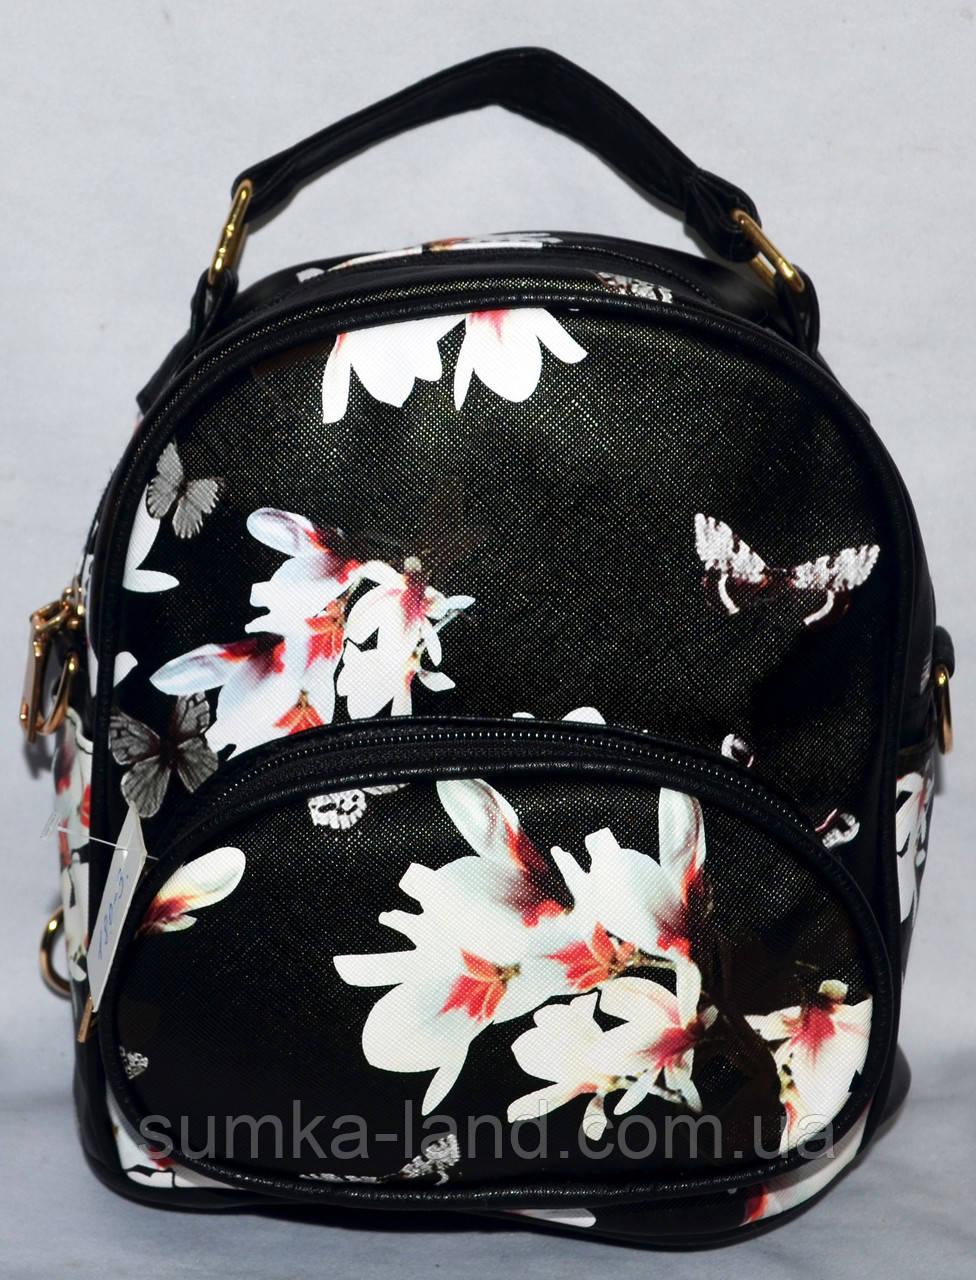 Женский маленький черный рюкзак из искусственной кожи 19*21 см (цветочки)